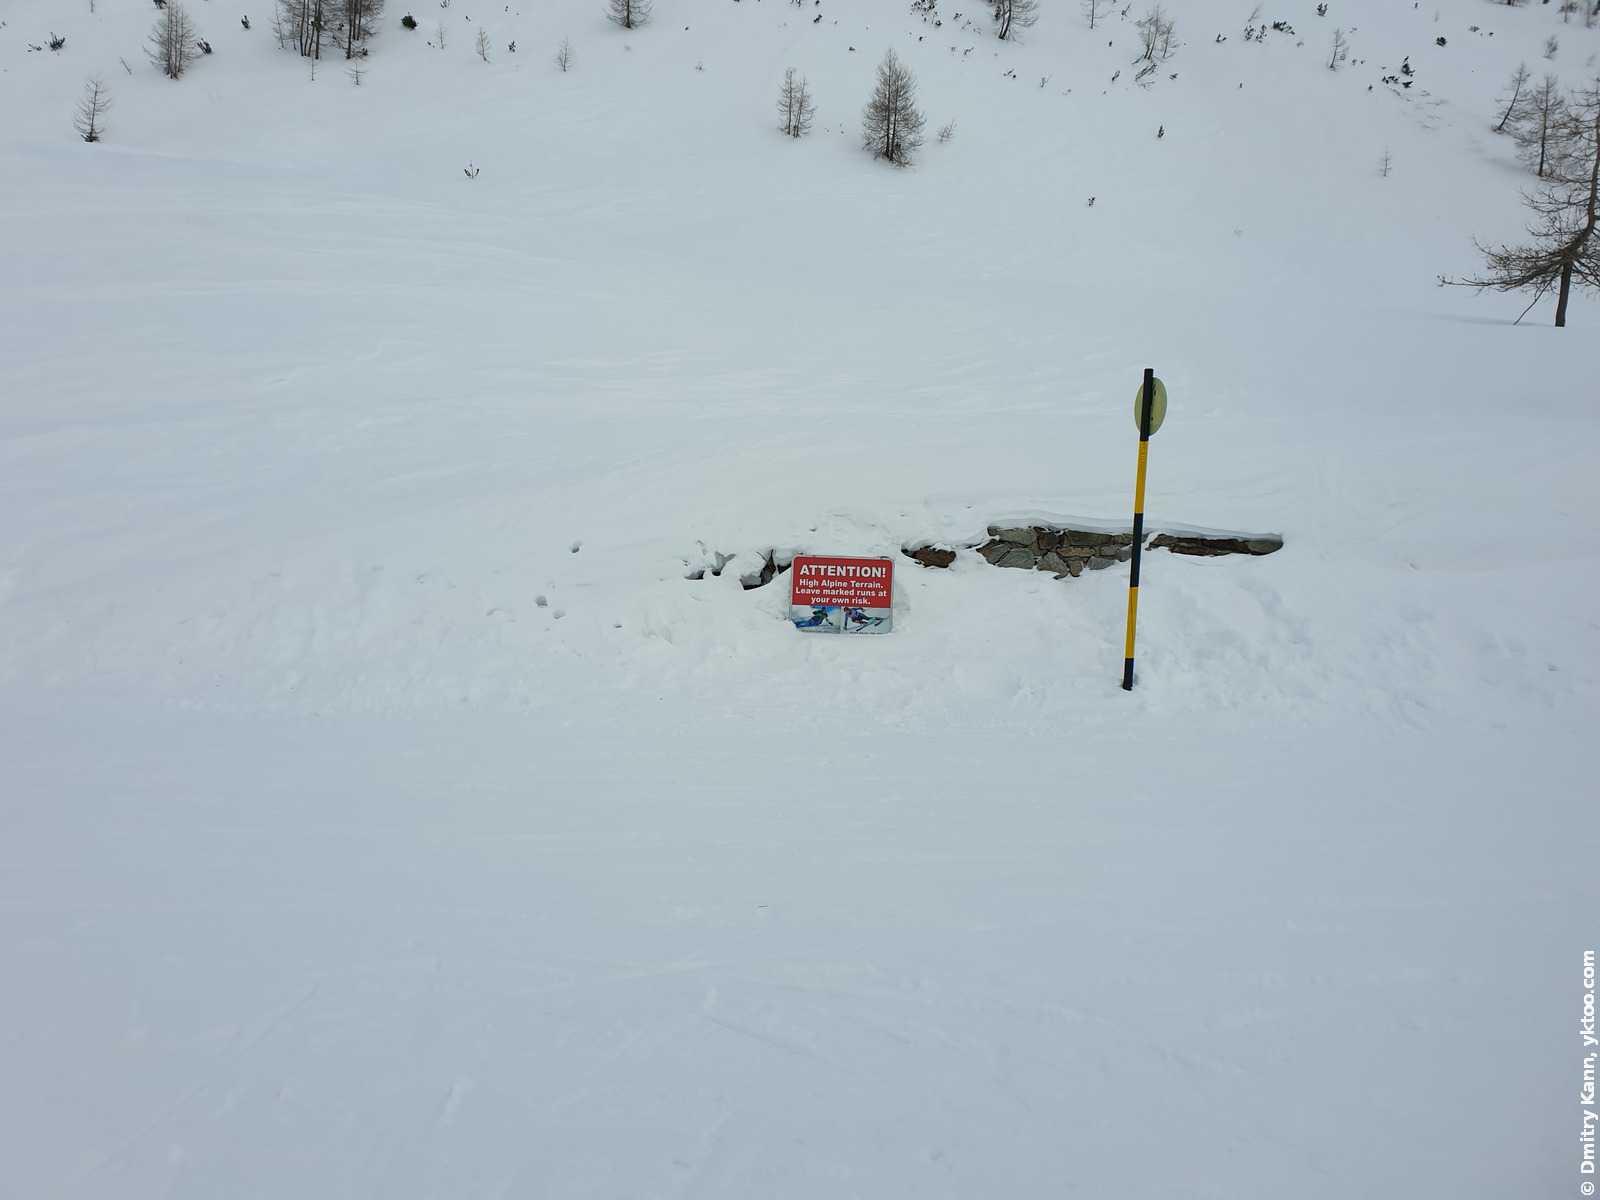 Предупреждение на спуске с ледника: «Внимание! Высокогорная область Альп. Покидайте размеченные маршруты на свой страх и риск».